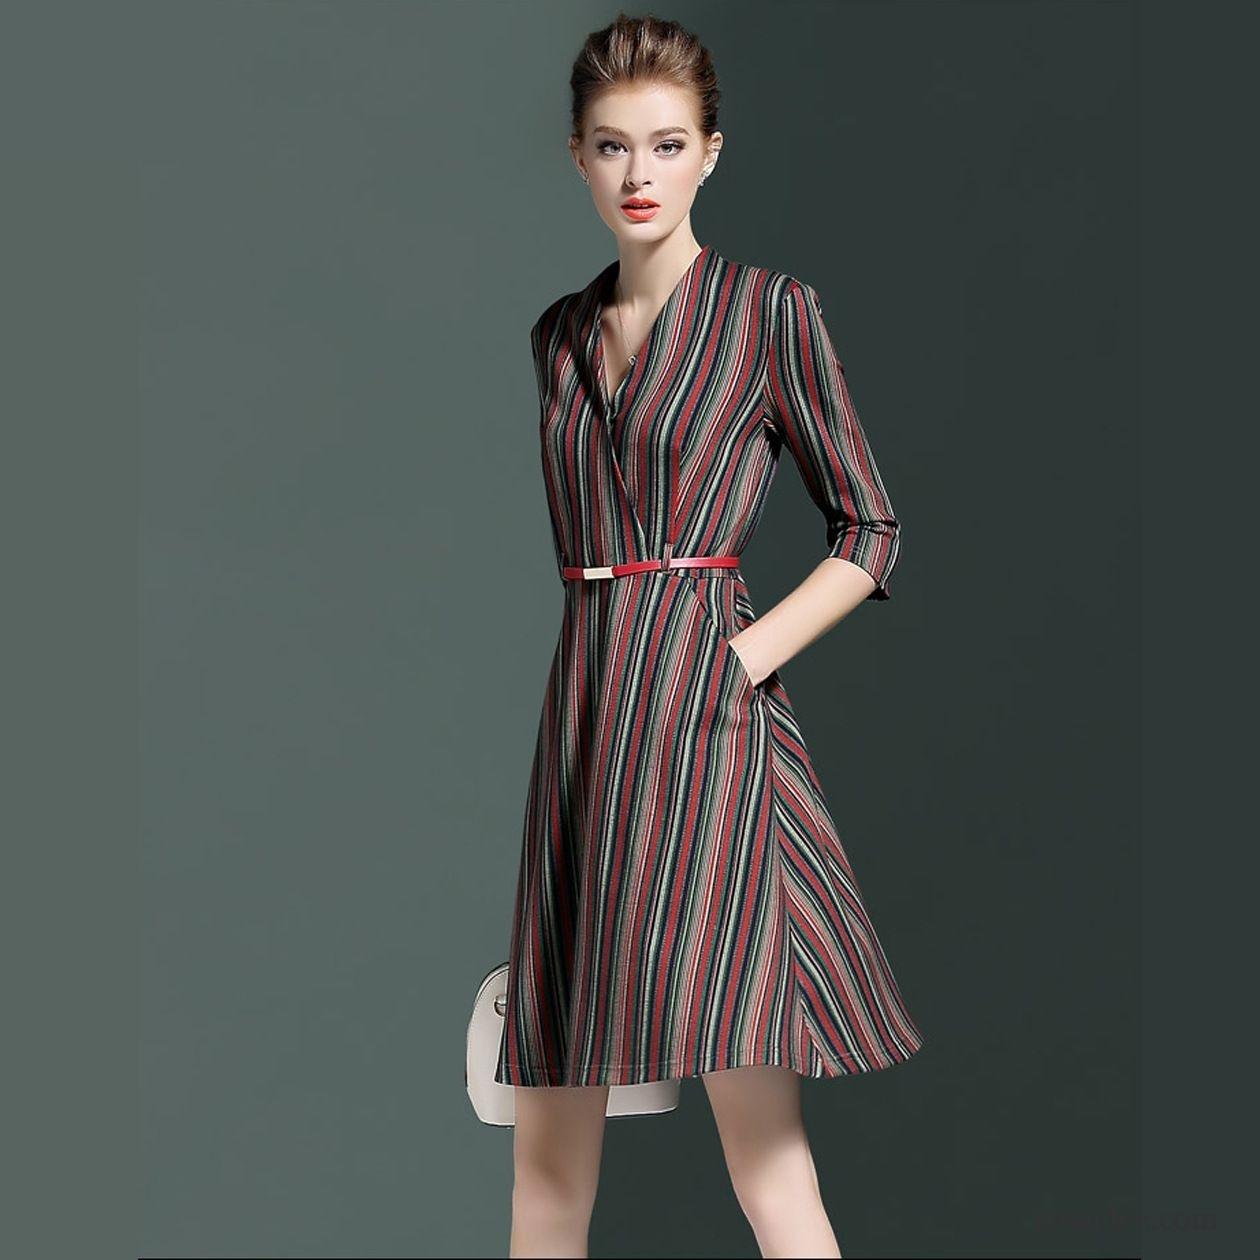 Einfach Online Kleider BoutiqueFormal Wunderbar Online Kleider Spezialgebiet